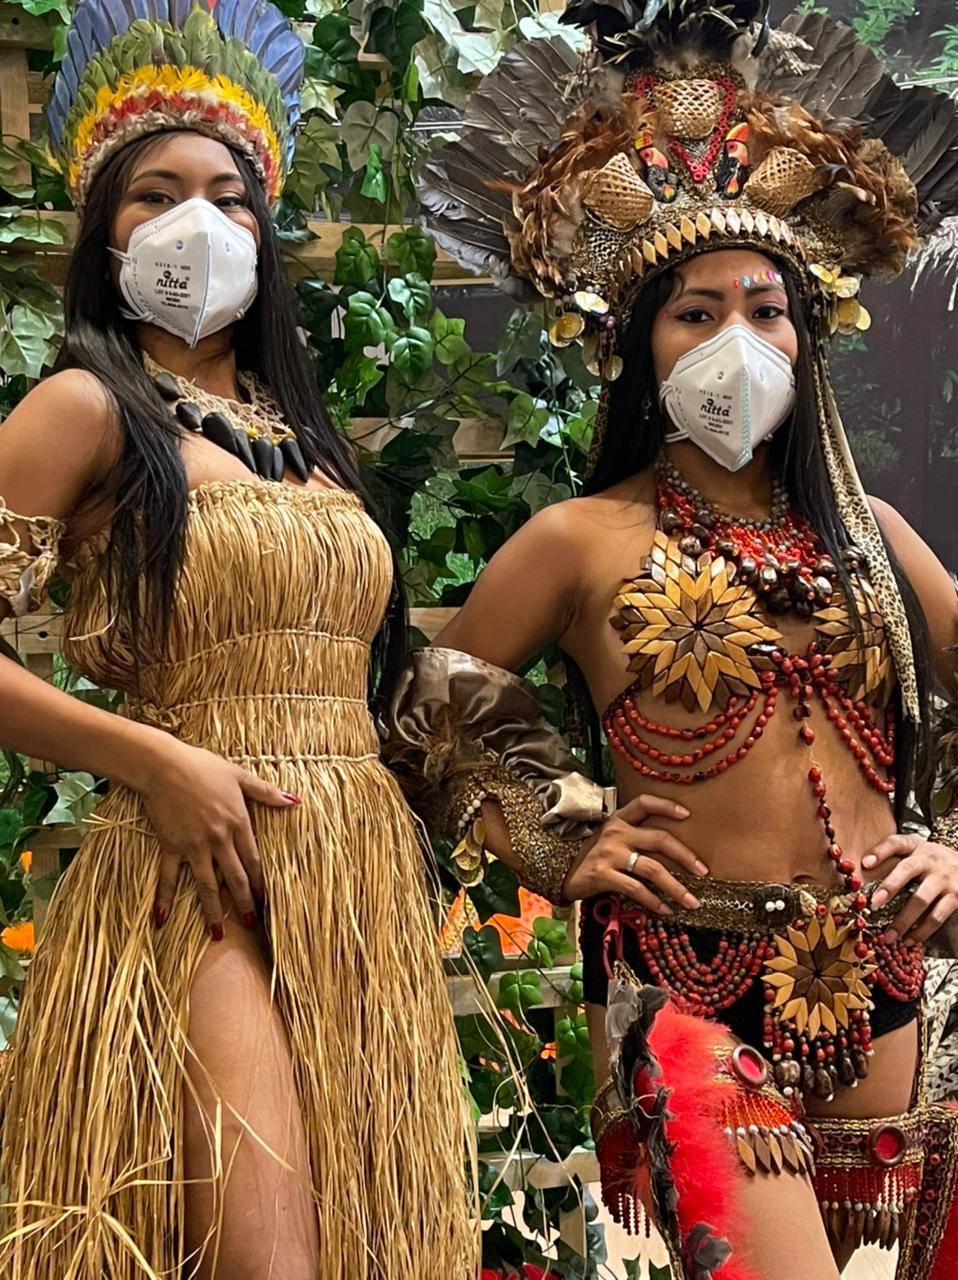 nitta en la feria más importante de turismo de colombia y latinoamérica vitrina anato 2021 NITTA en la feria más importante de Turismo de Colombia y Latinoamérica Vitrina Anato 2021 image 6483441 5